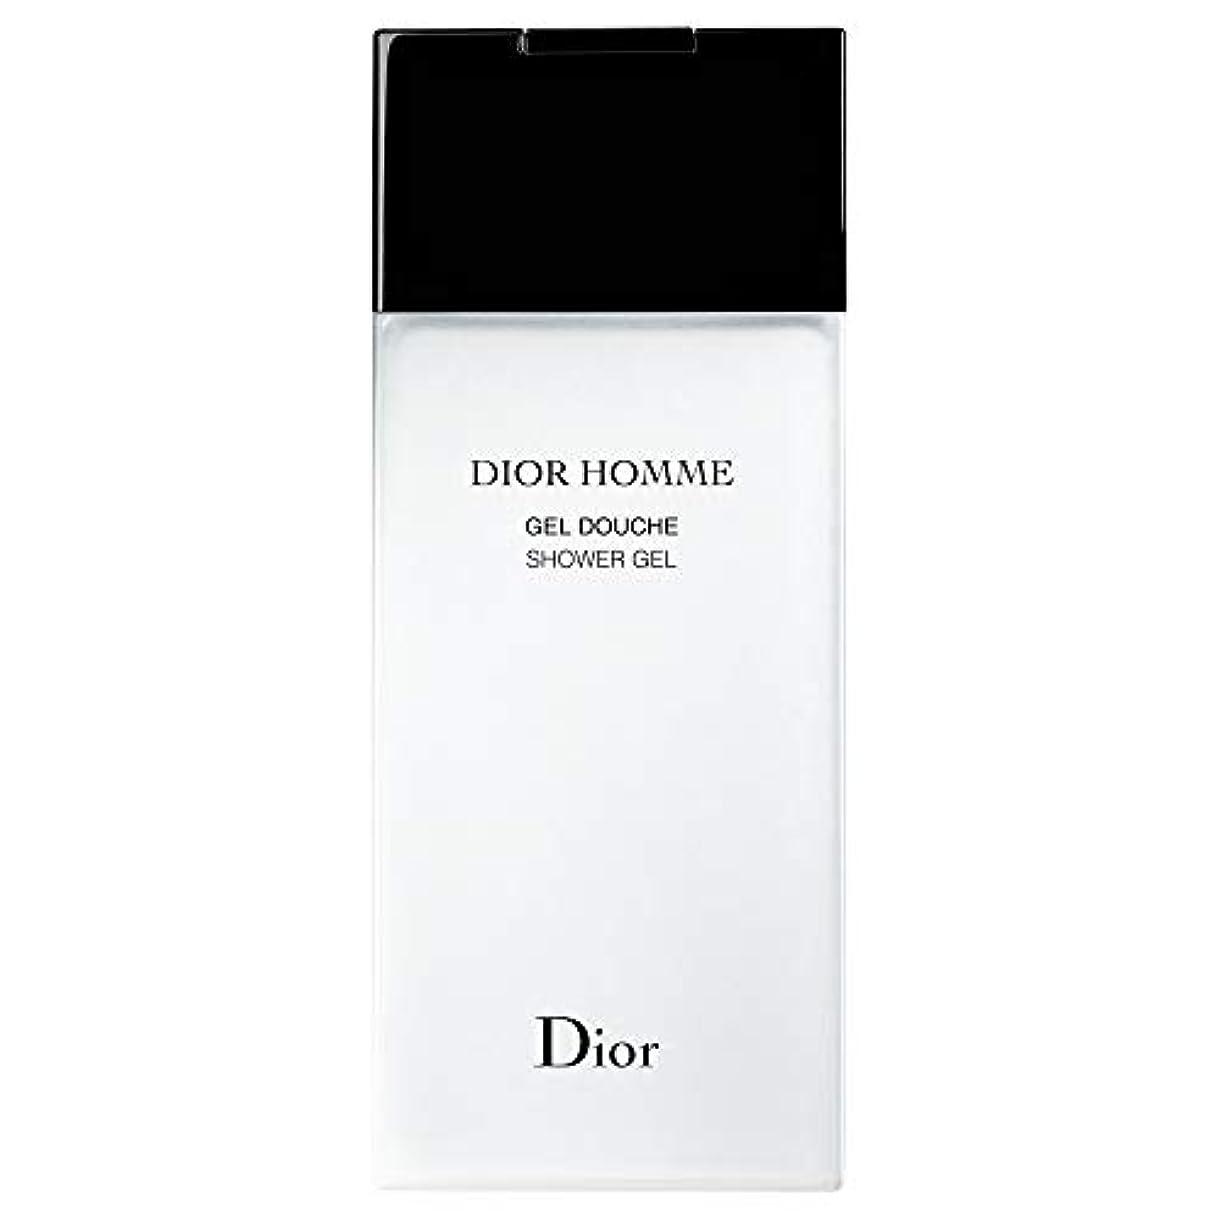 洗練された安定しましたゲスト[Dior] ディオールオムシャワージェル200Ml - Dior Homme Shower Gel 200ml [並行輸入品]